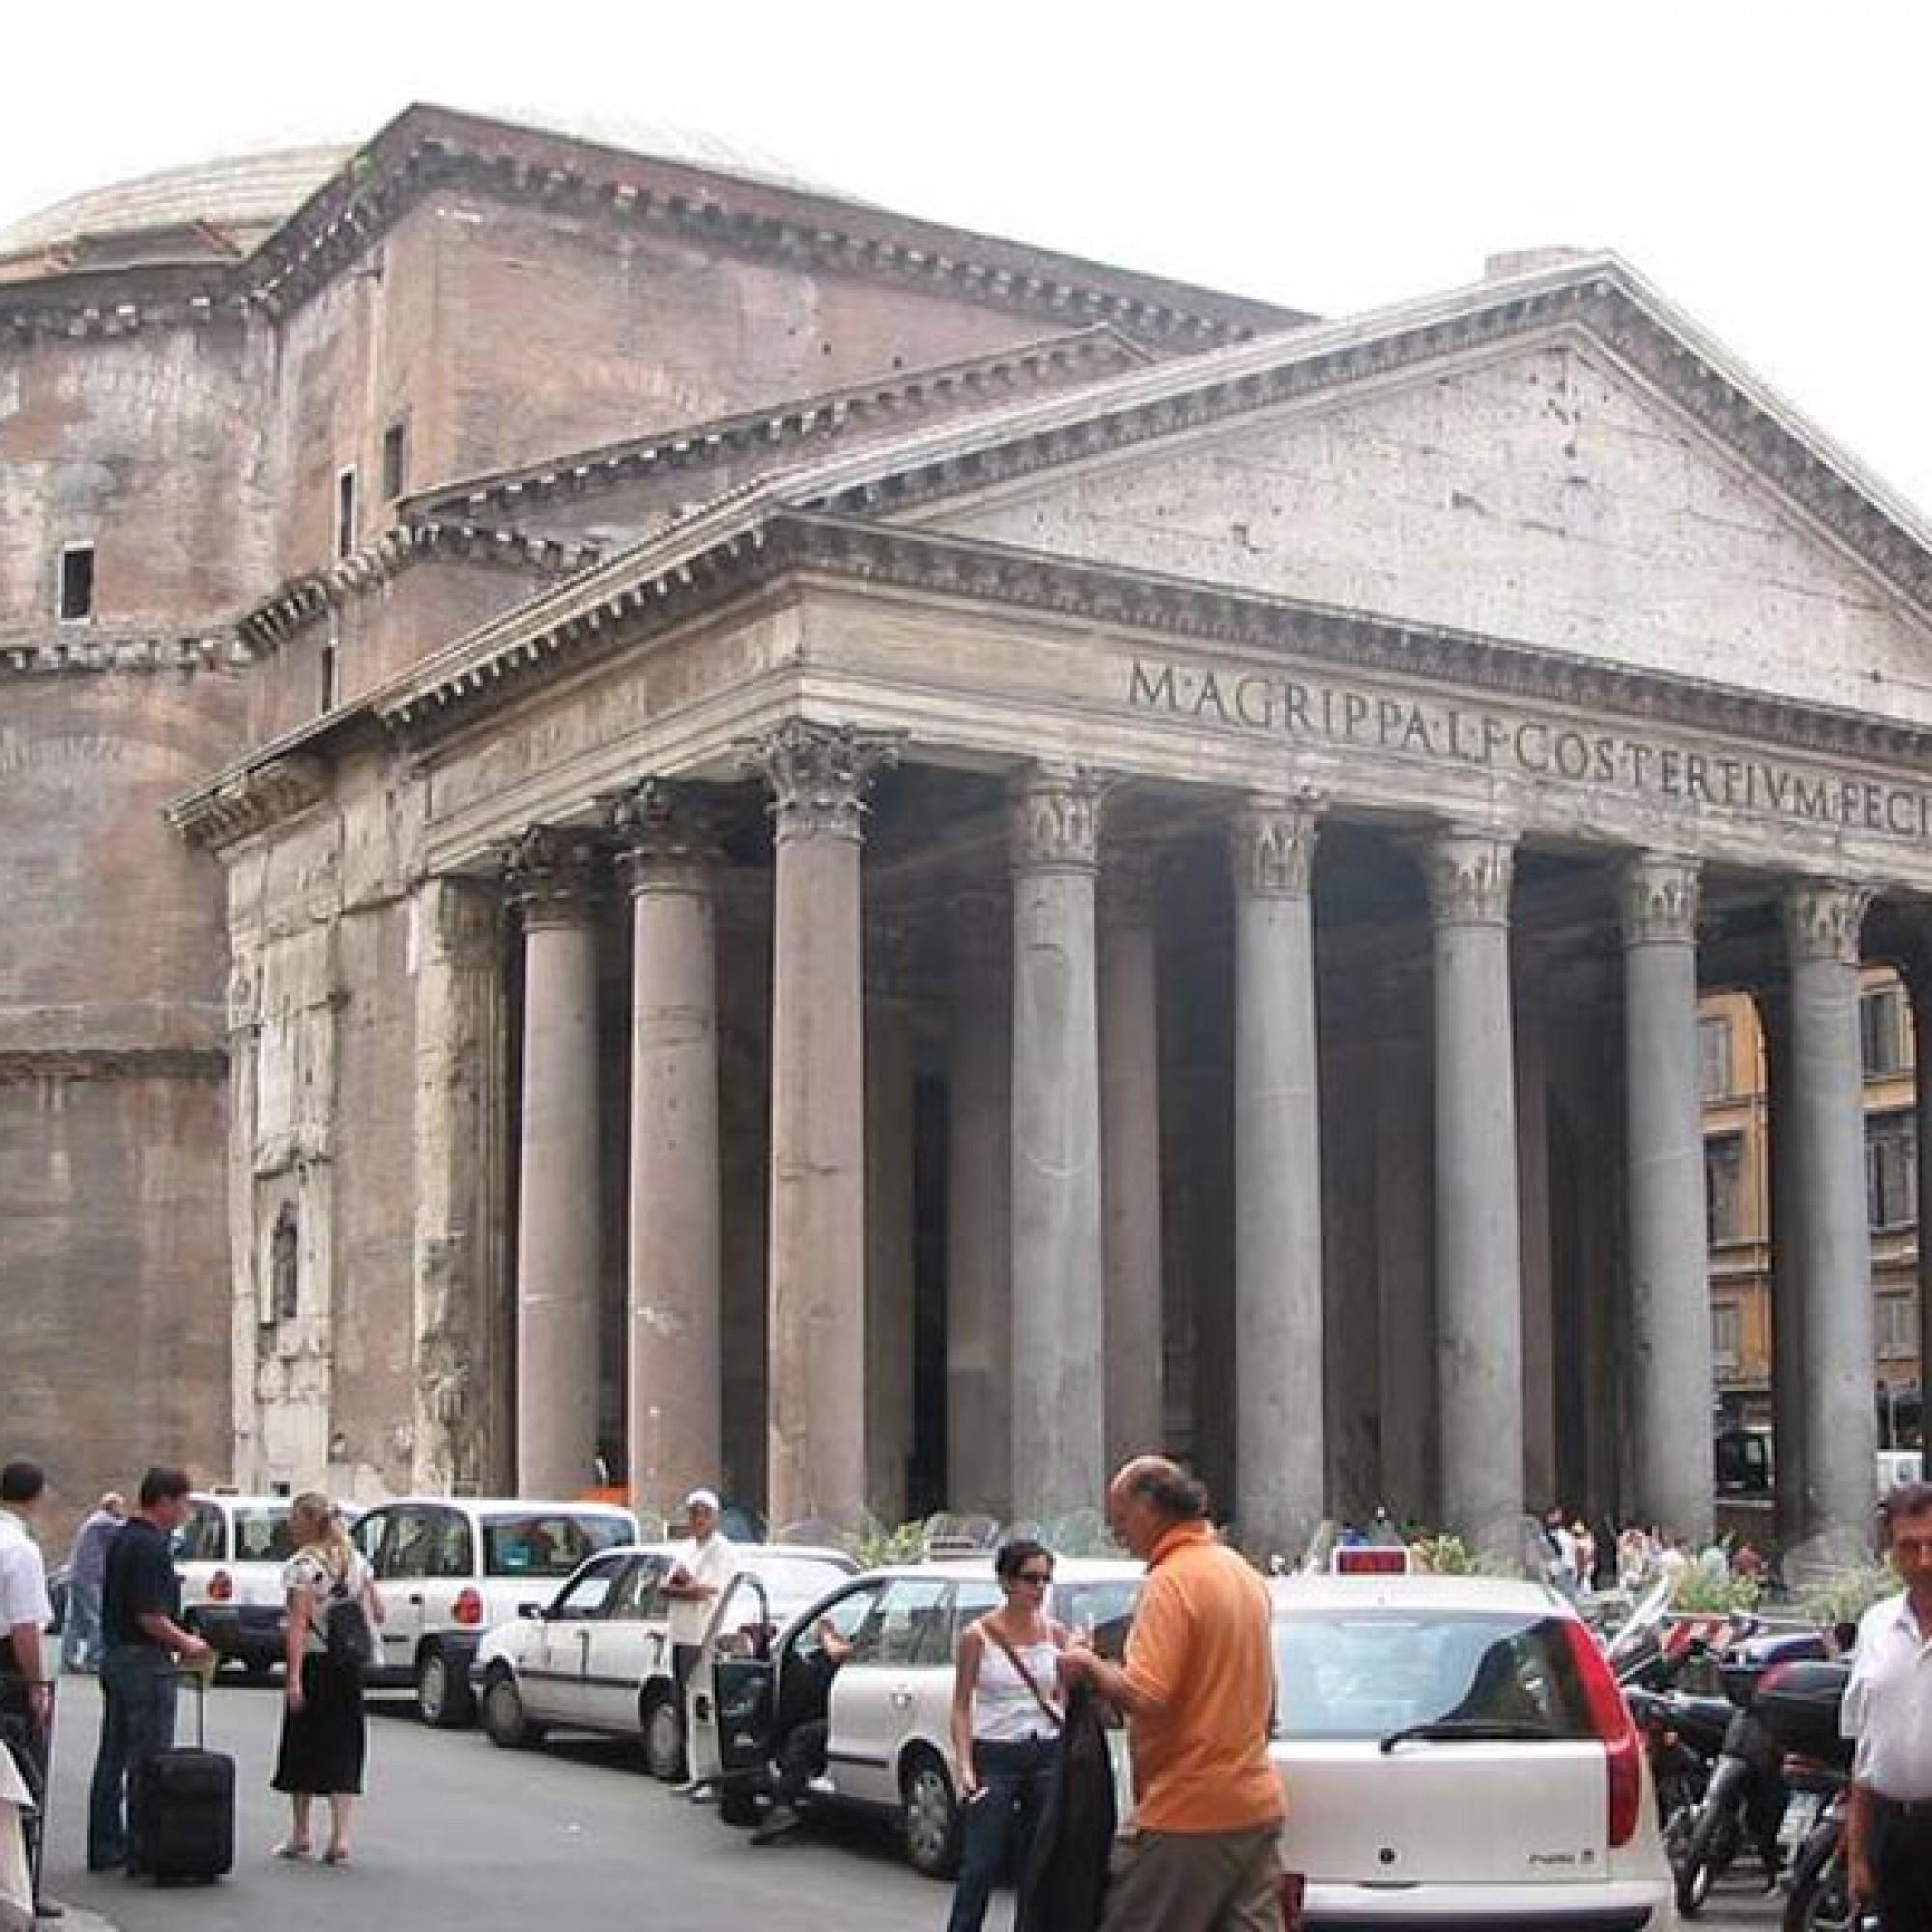 Das Pantheon in Rom hat mit seiner Kuppel aus«Opus caementitium», einem Gemisch aus Steinen, Sand und gebranntem Kalkstein, bereits zwei Jahrtausende überdauert. (Bild: Ian Monroe-CC BY-SA 3.0)